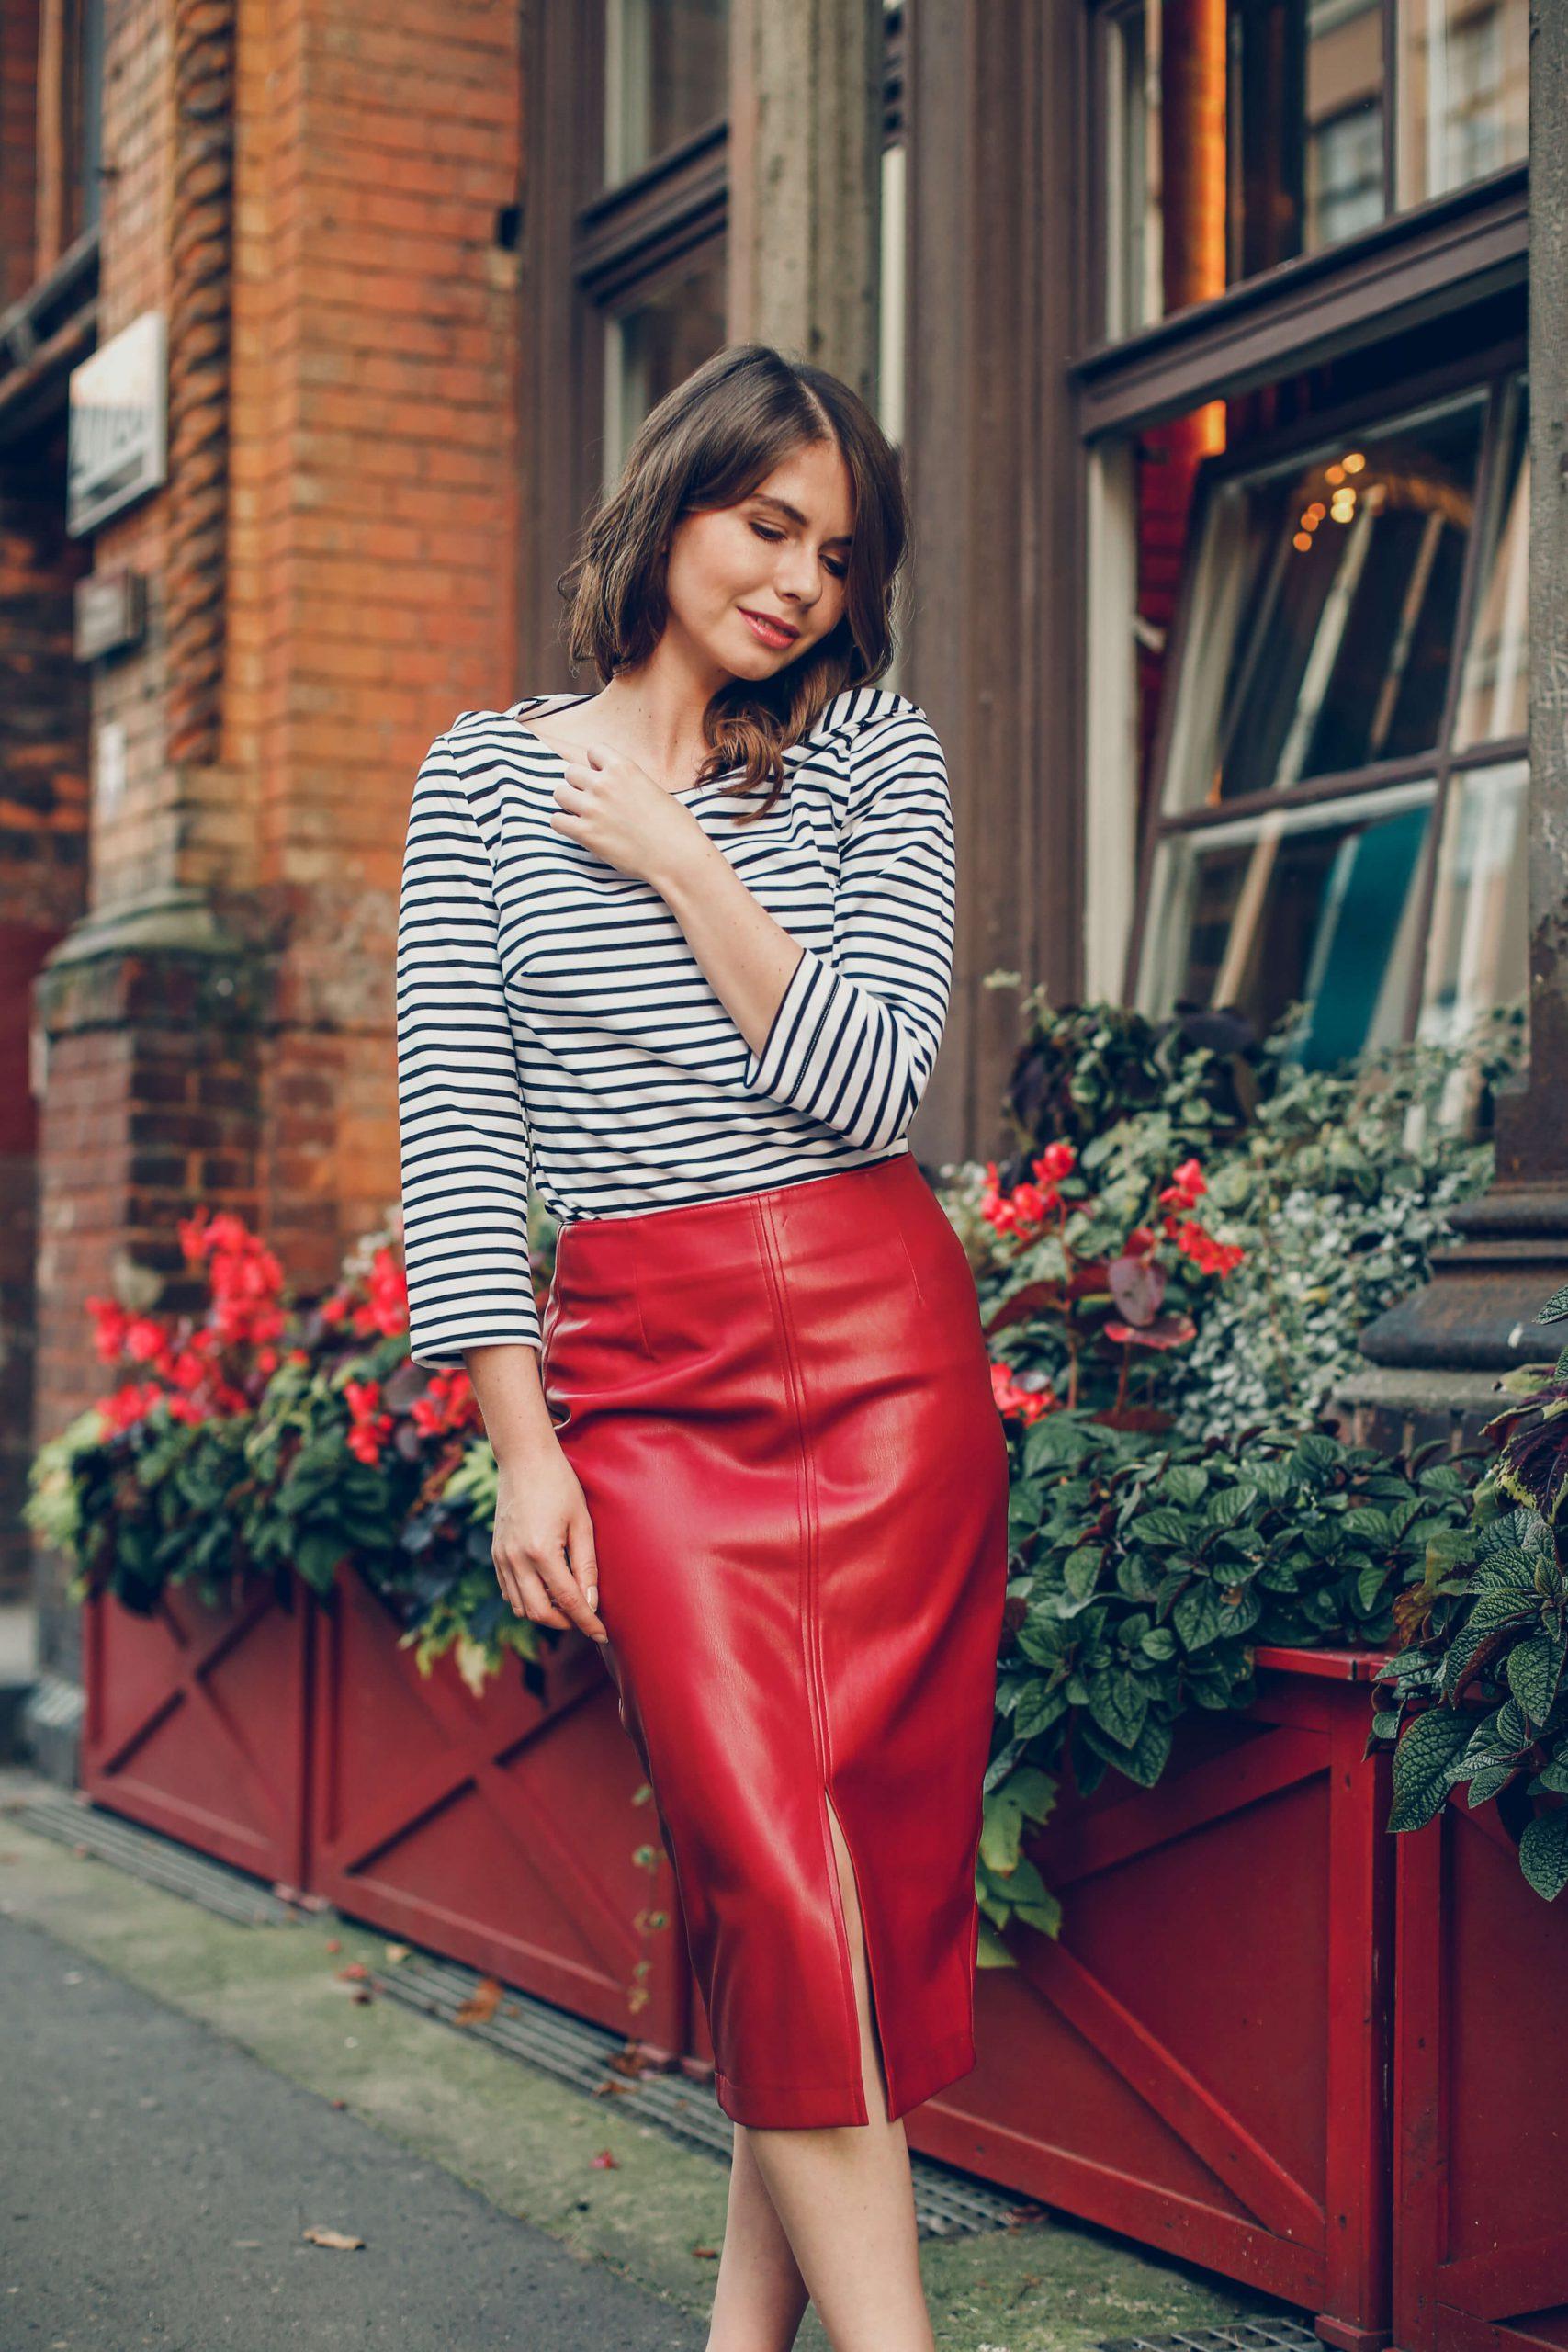 Czerwona spódnica z ekoskóry i bluzka w paski